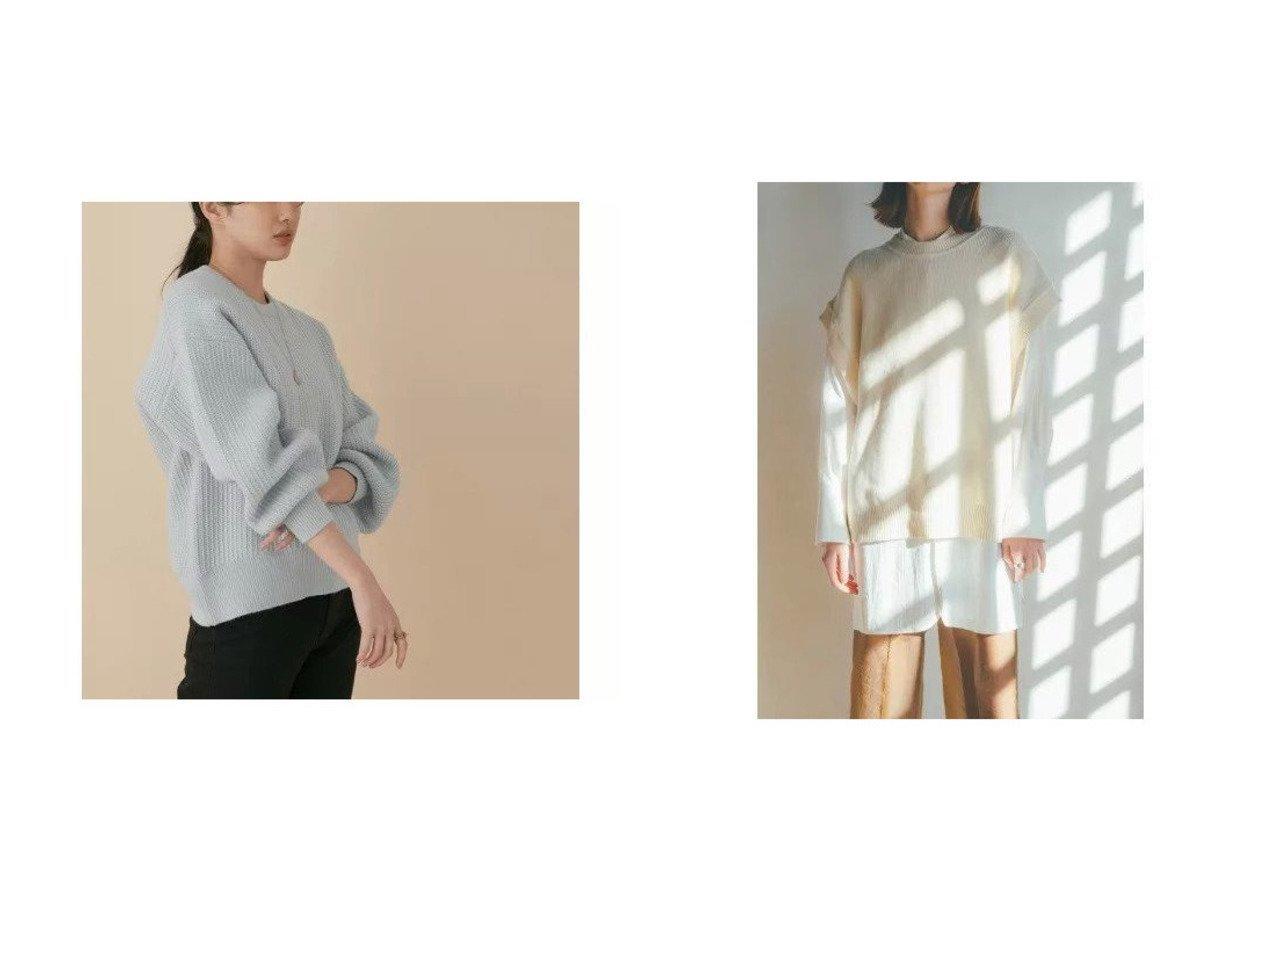 【CLANE/クラネ】のBACK SLIT KNIT VEST&【Adam et Rope/アダム エ ロペ】の【WEB限定】【セットアップ対応】変形編みプルオーバー トップス・カットソーのおすすめ!人気、トレンド・レディースファッションの通販 おすすめで人気の流行・トレンド、ファッションの通販商品 メンズファッション・キッズファッション・インテリア・家具・レディースファッション・服の通販 founy(ファニー) https://founy.com/ ファッション Fashion レディースファッション WOMEN トップス Tops Tshirt ニット Knit Tops プルオーバー Pullover セットアップ Setup トップス Tops アウター Coat Outerwear ベスト/ジレ Gilets Vests カーディガン セットアップ セーター バランス ポケット ミドル 冬 Winter 春 Spring 2021年 2021 2021 春夏 S/S SS Spring/Summer 2021 S/S 春夏 SS Spring/Summer インナー スリット スリーブ ベスト ルーズ 人気 無地 |ID:crp329100000011179